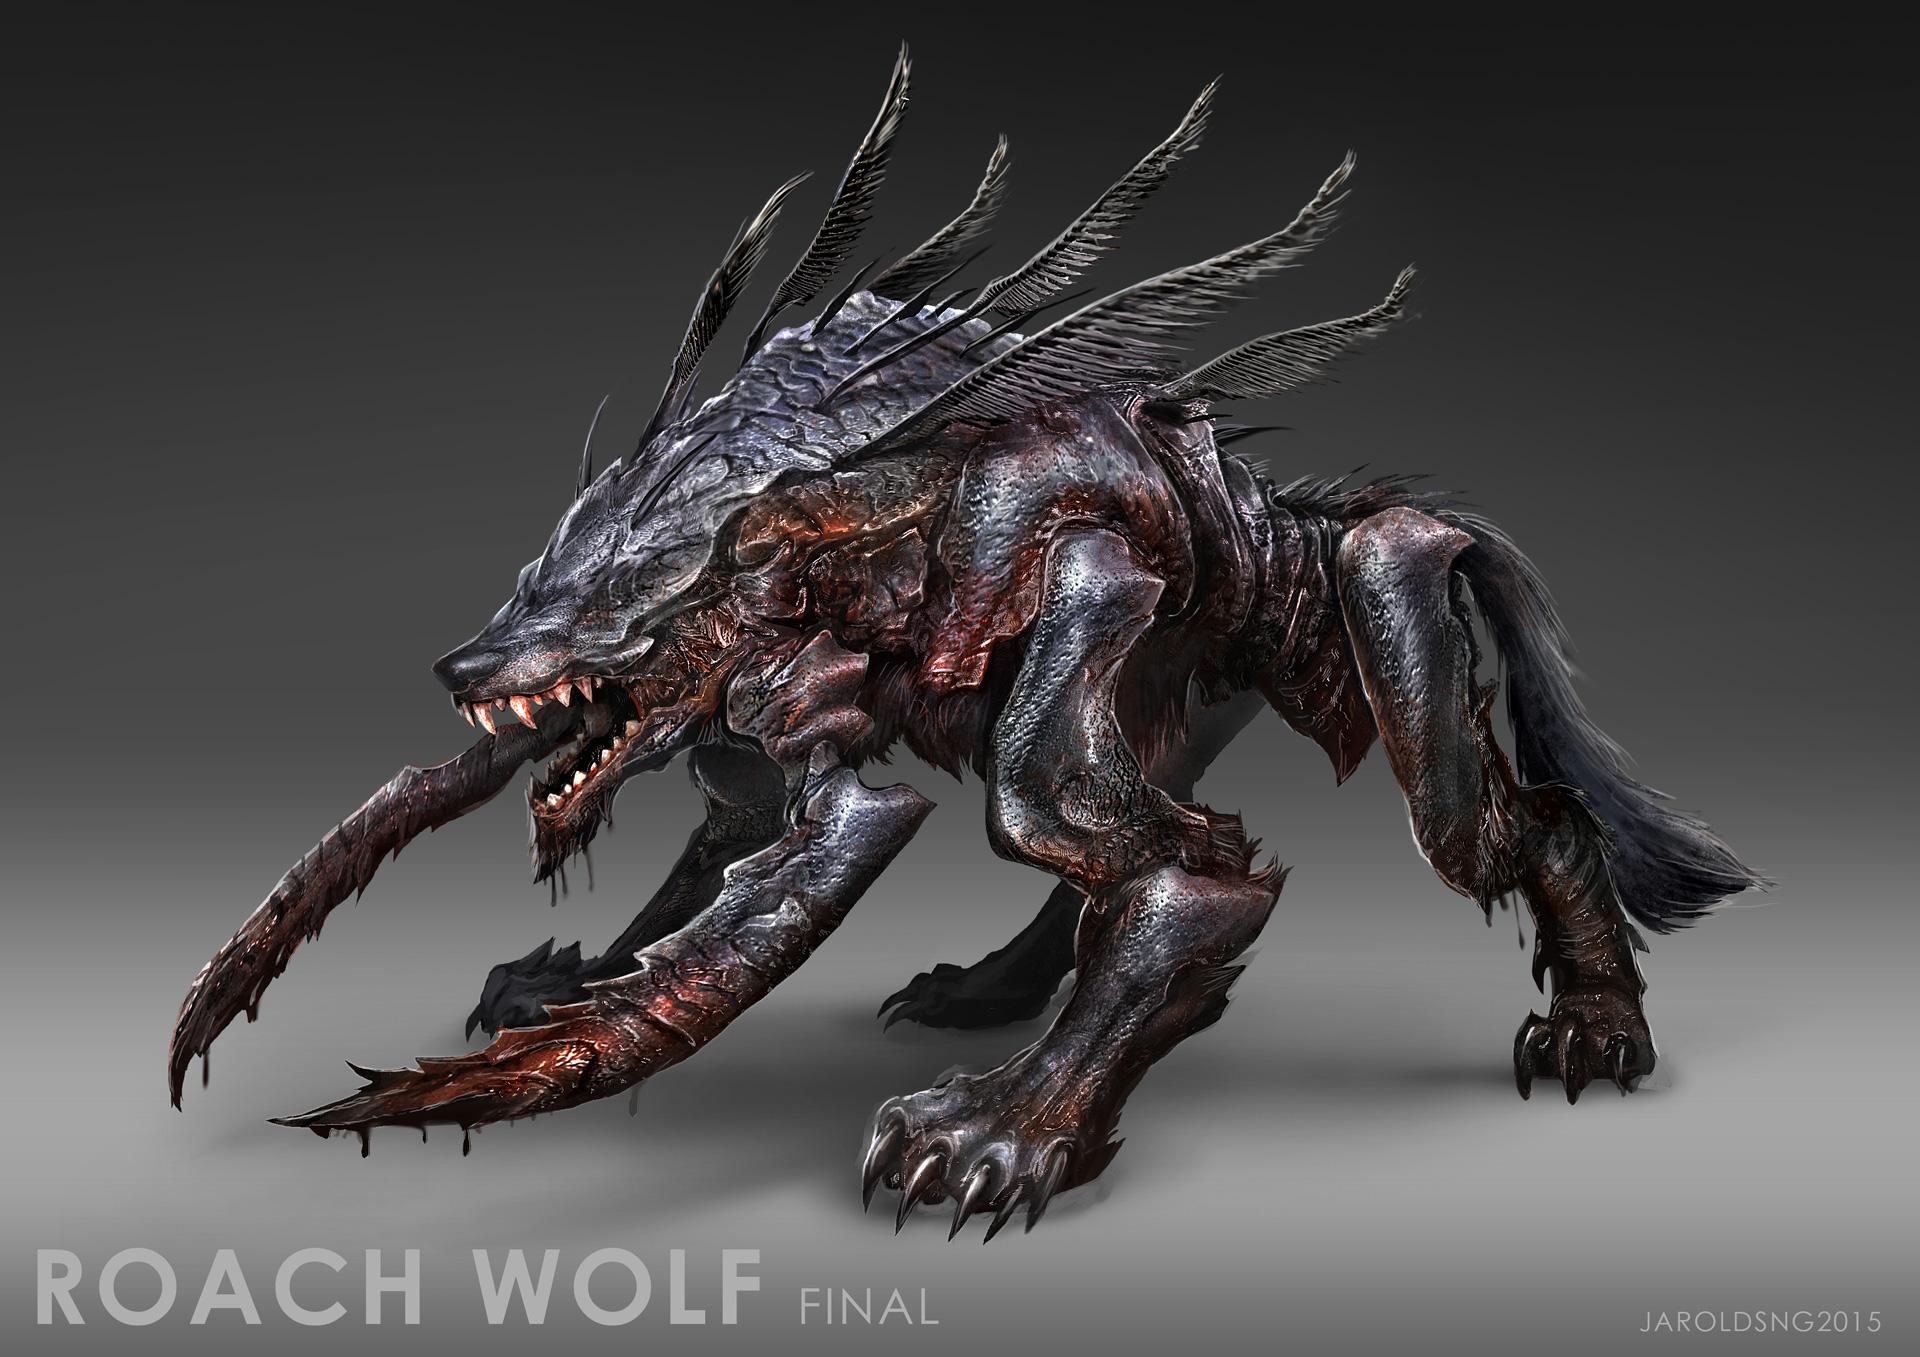 0-Roach_wolf_final.JPG